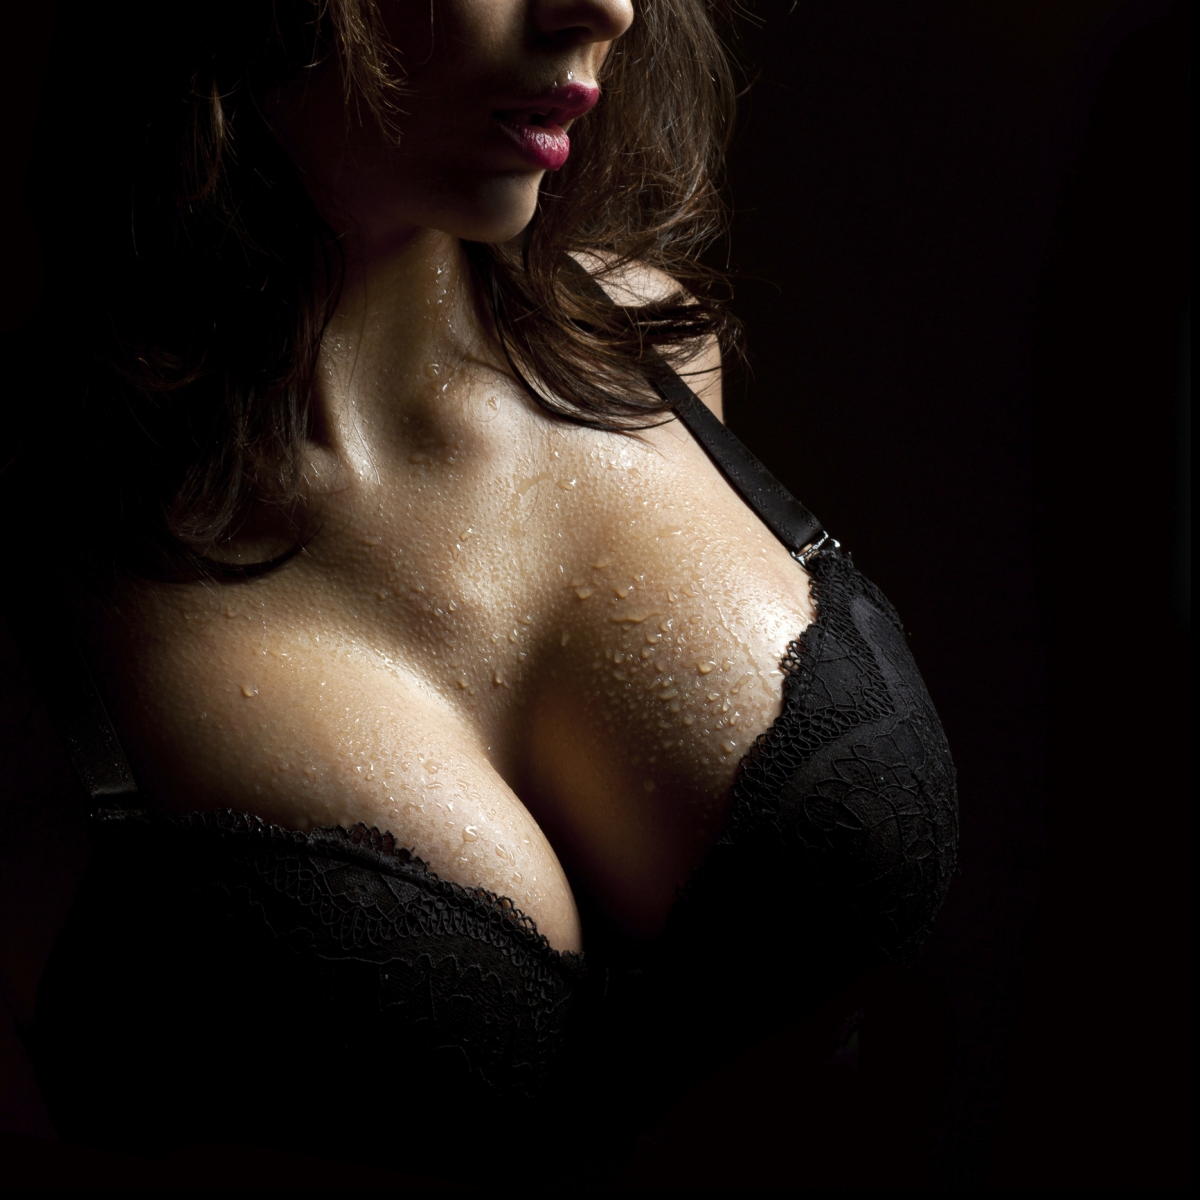 foto mujeres eroticas: